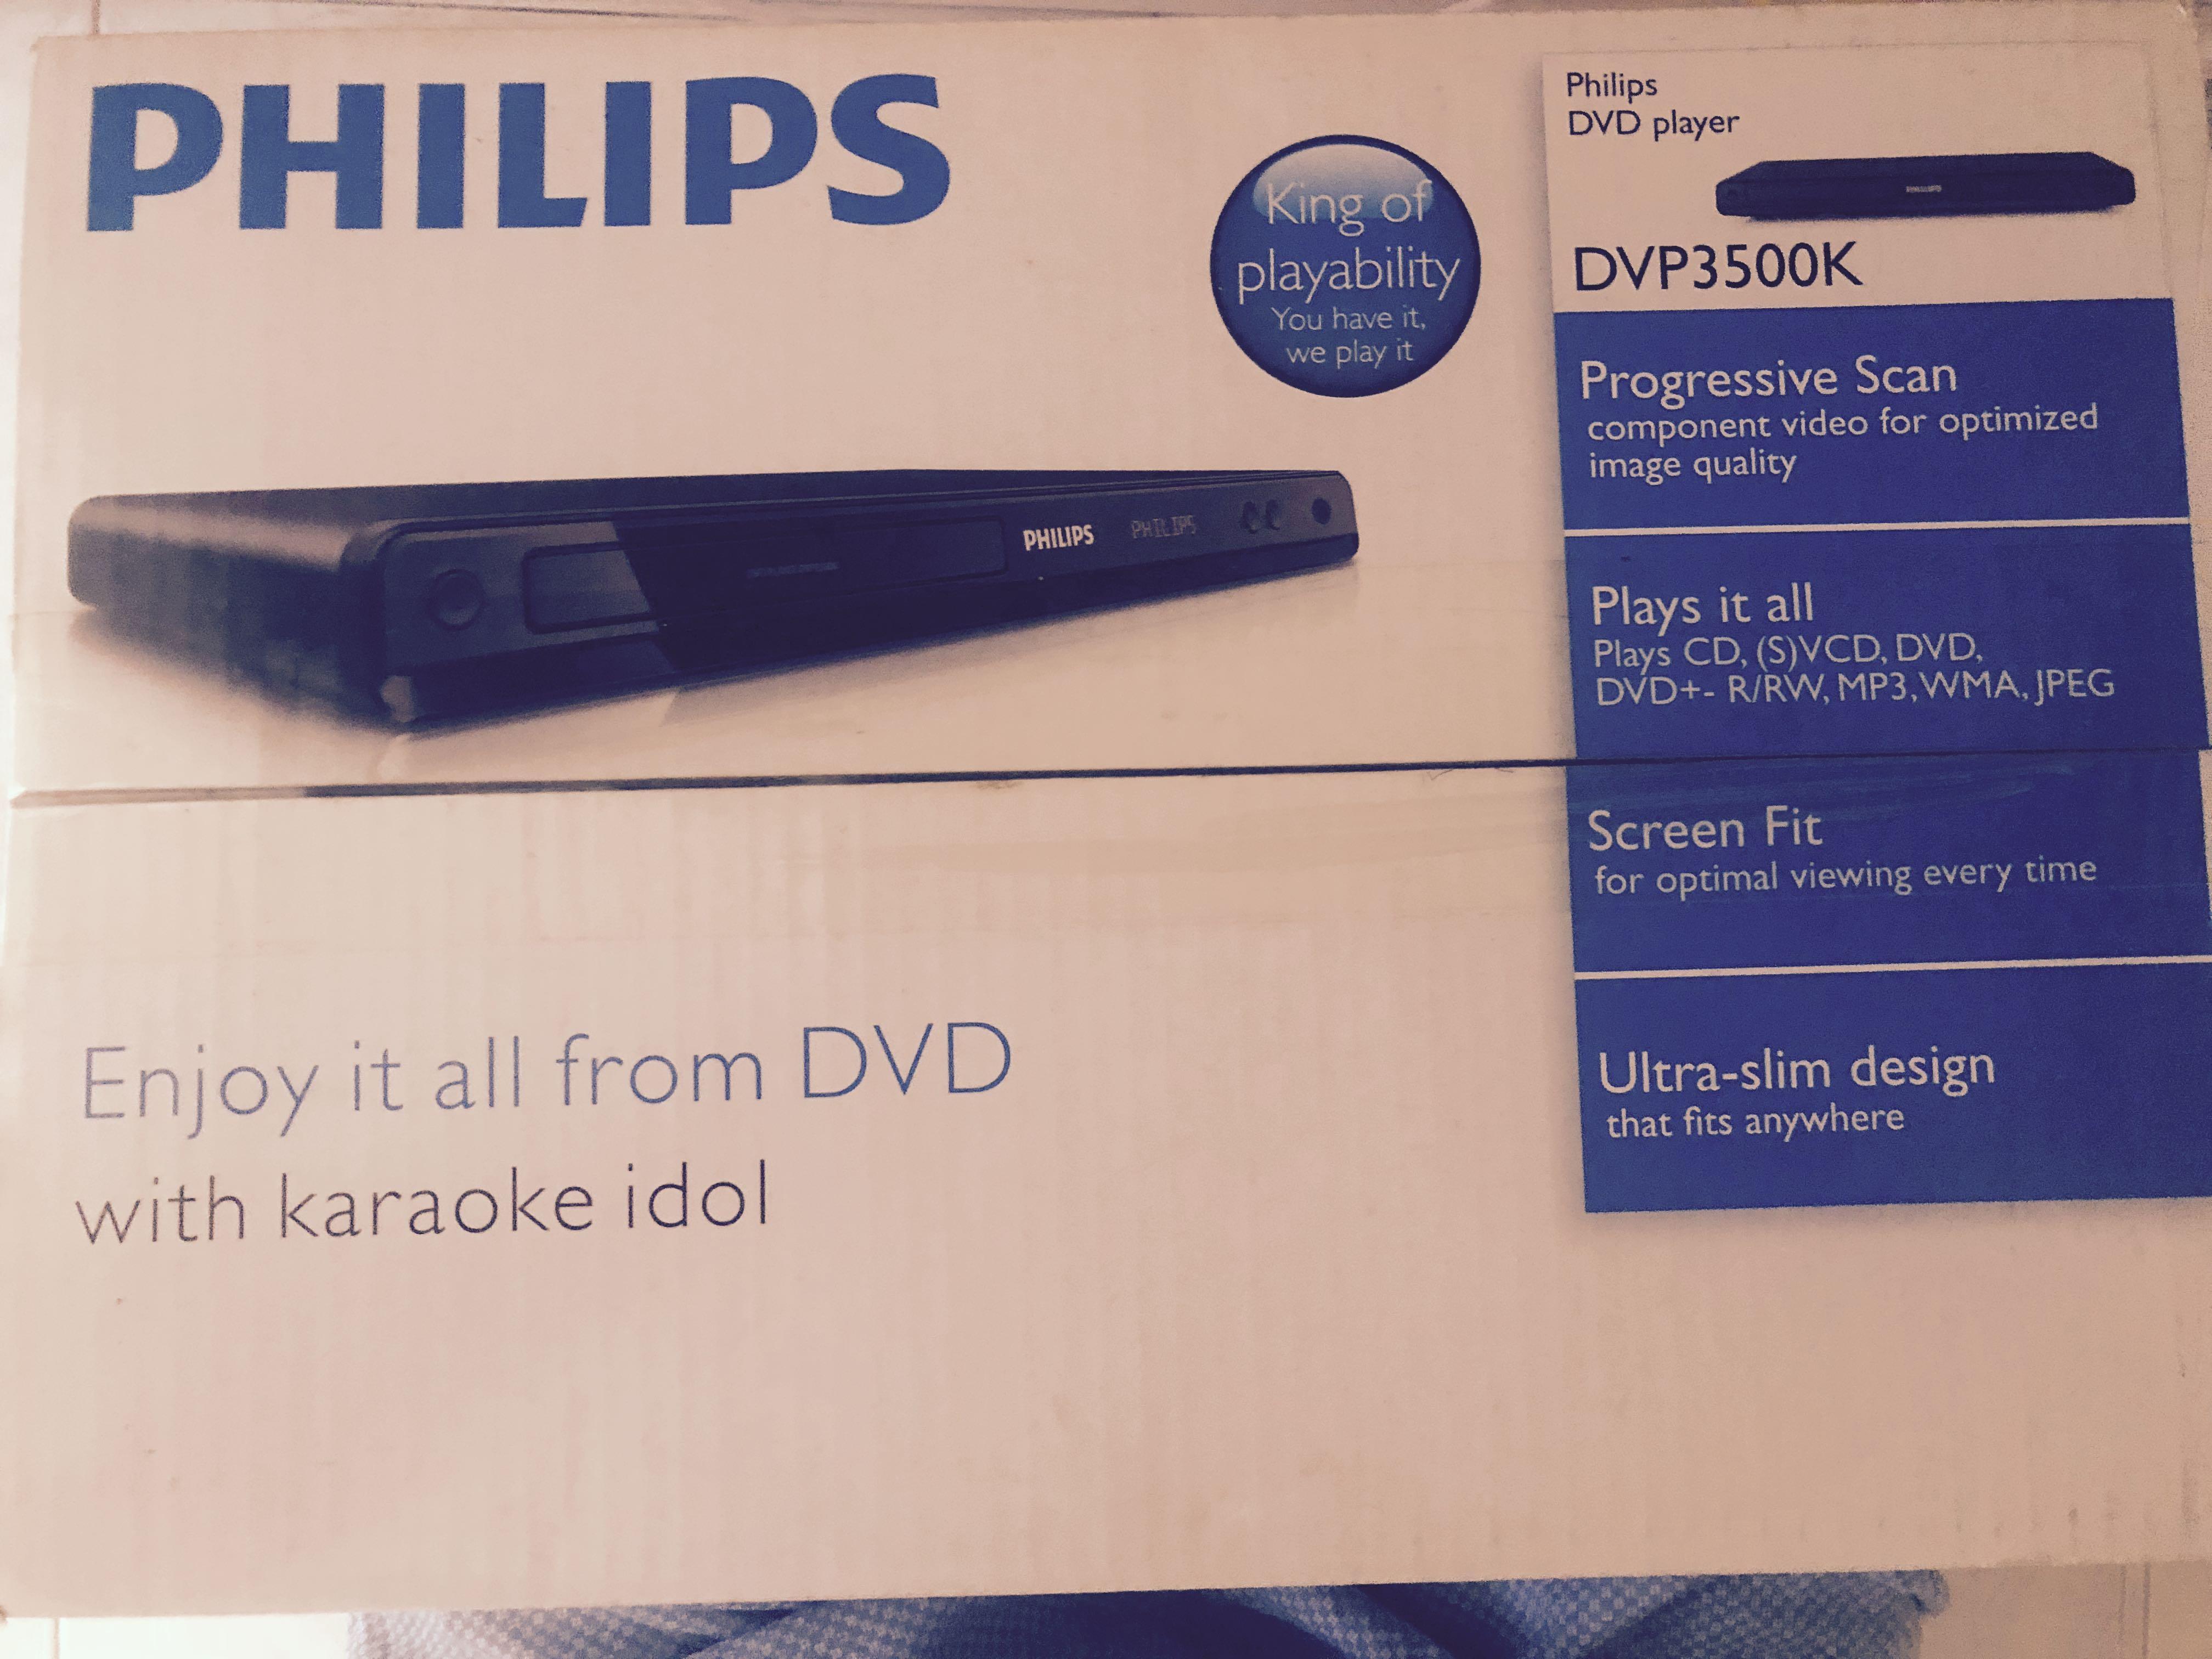 Philips DVD player DVP 3500k, Music & Media, CDs, DVDs